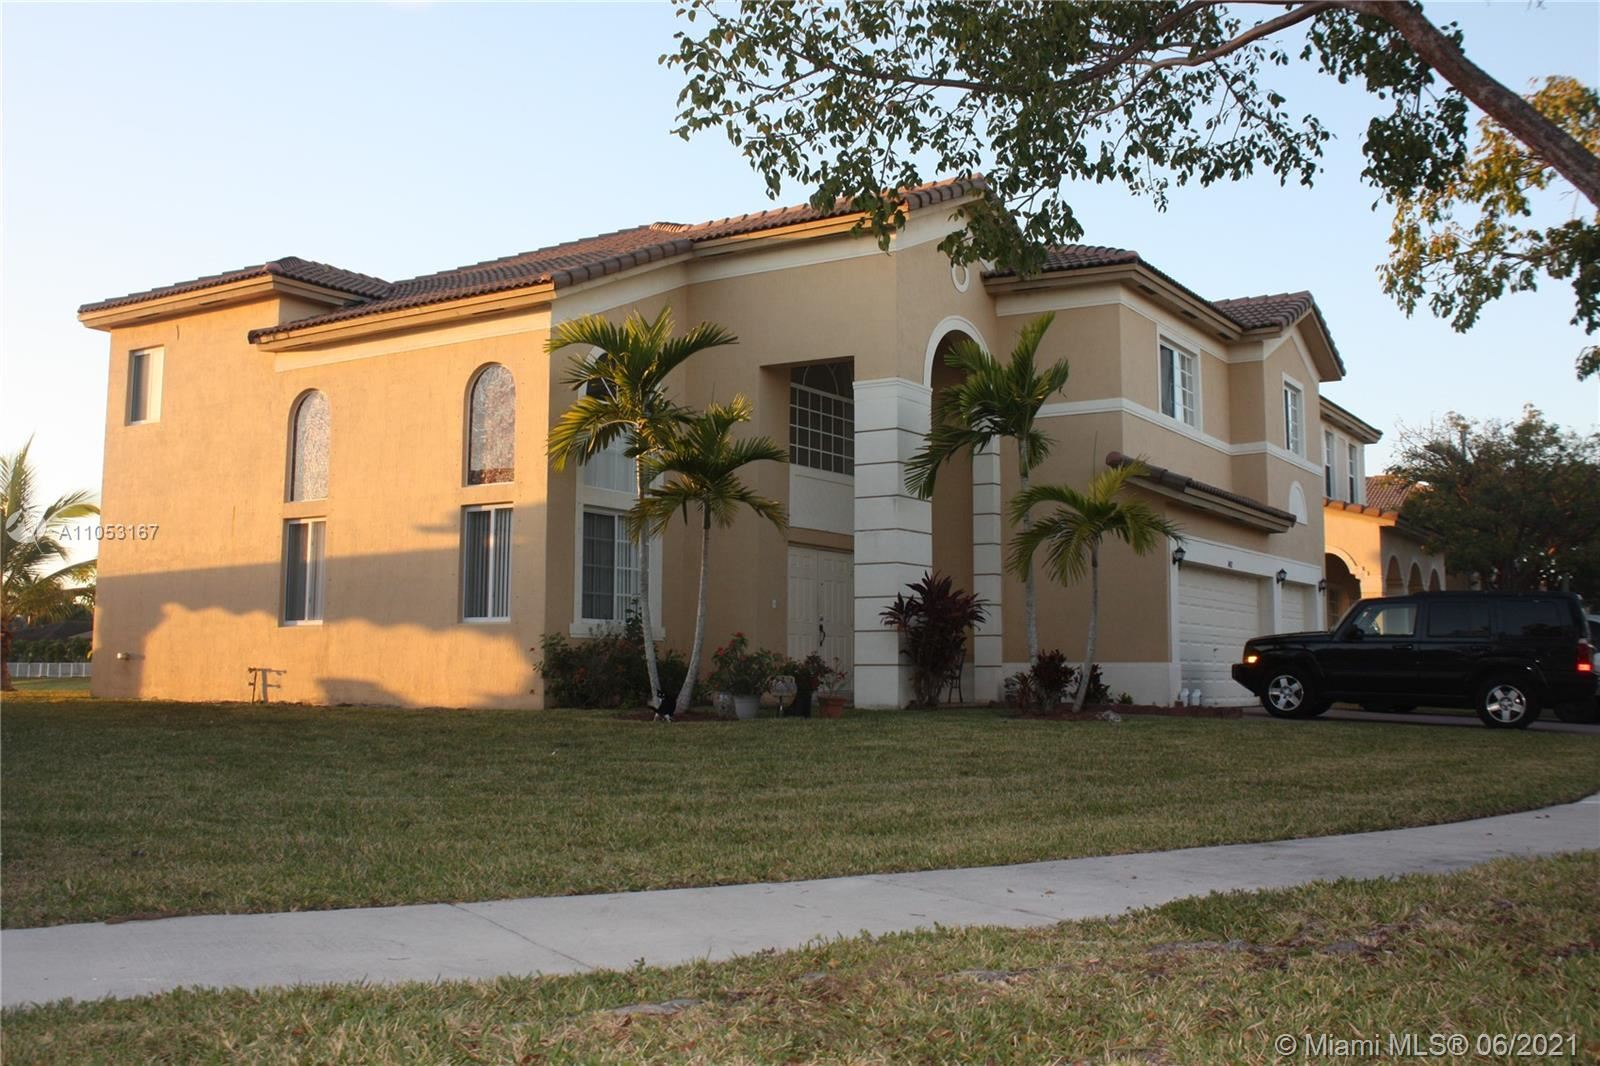 1452 NE 40th Ave, Homestead, FL 33033 - #: A11053167